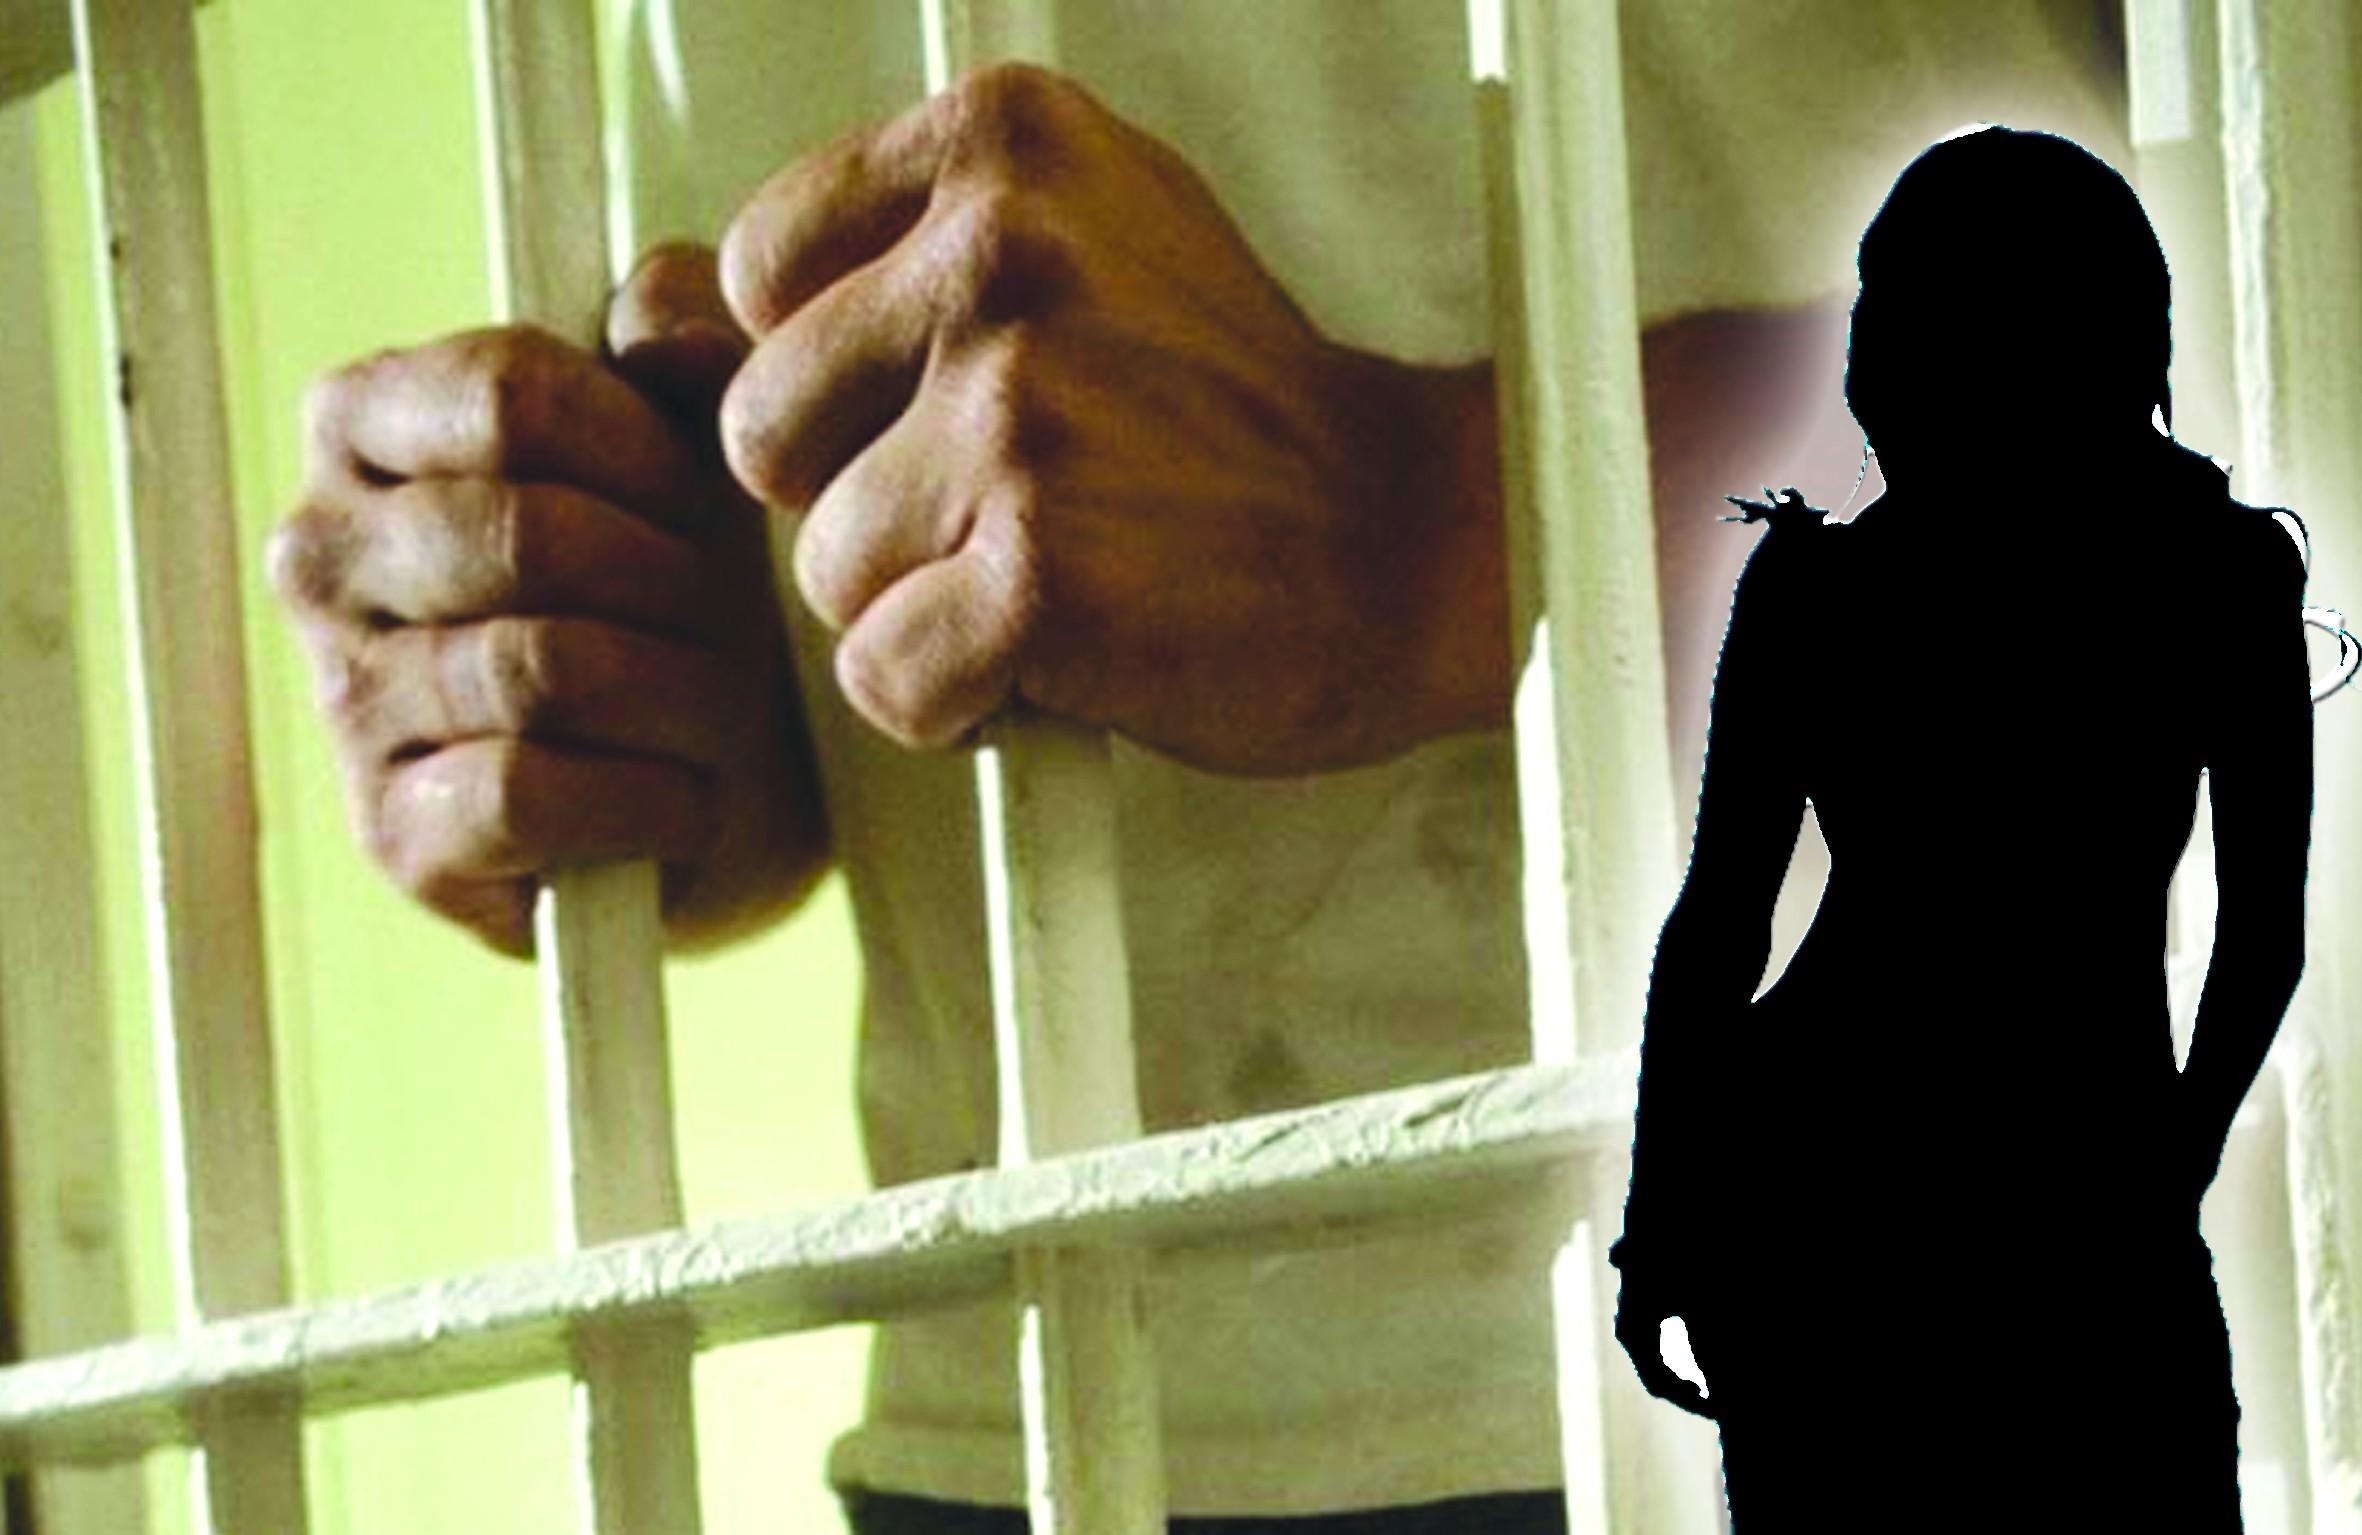 Смотреть трахну заключенную, Охранник трахает заключенную в тюрьме порно видео 15 фотография